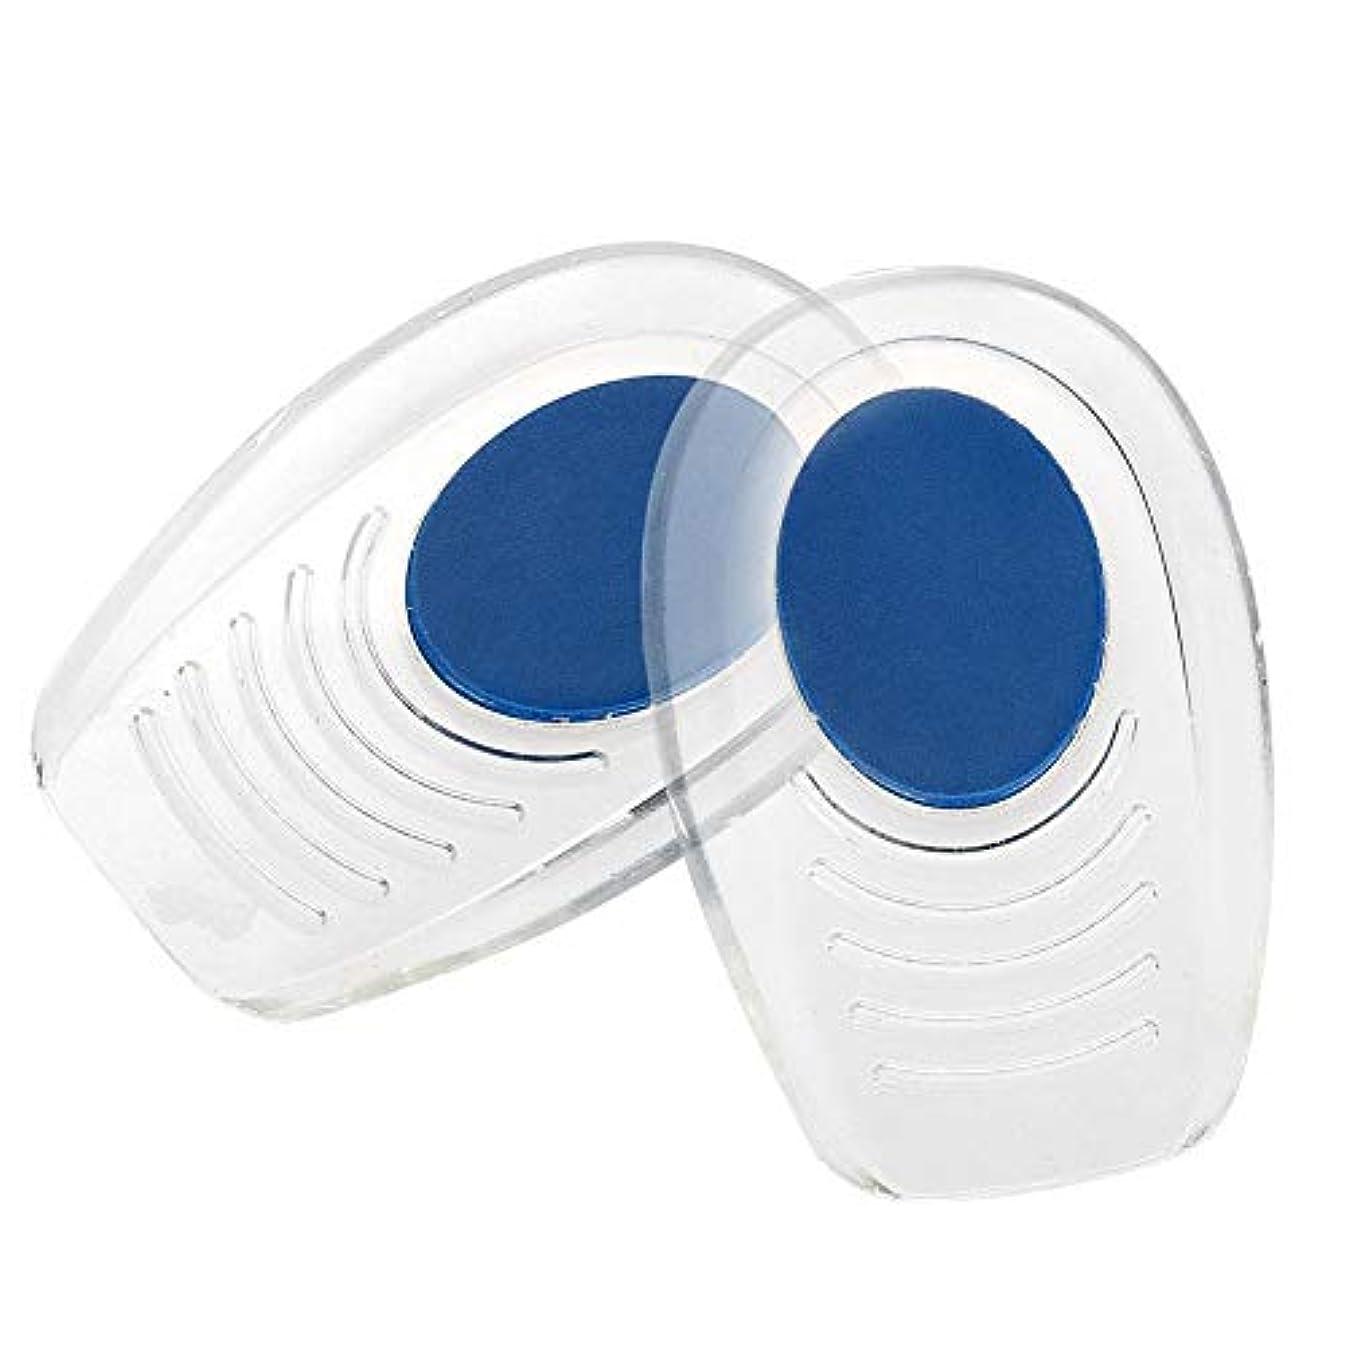 ルームキラウエア山ルームソフトインソール かかと痛みパッド   シリコーン衝撃吸収ヒールパッド (滑り止めテクスチャー付) ブルー パッドフットケアツール (S(7*10.5CM))